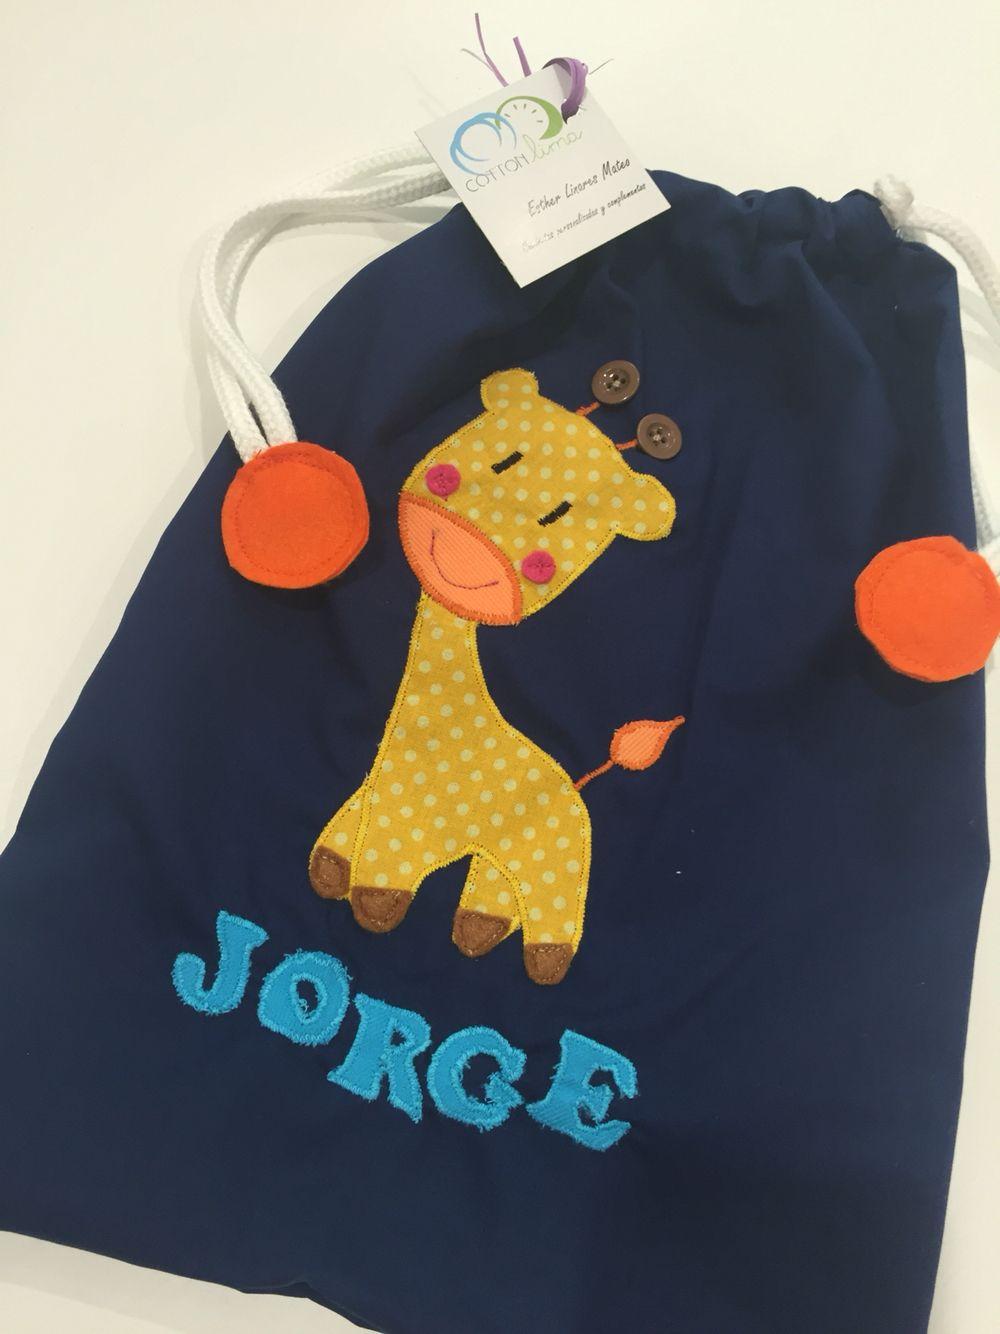 Bolsa de merienda personalizada #bolsa #merienda #niños #kids #bag #facebookcottonlima